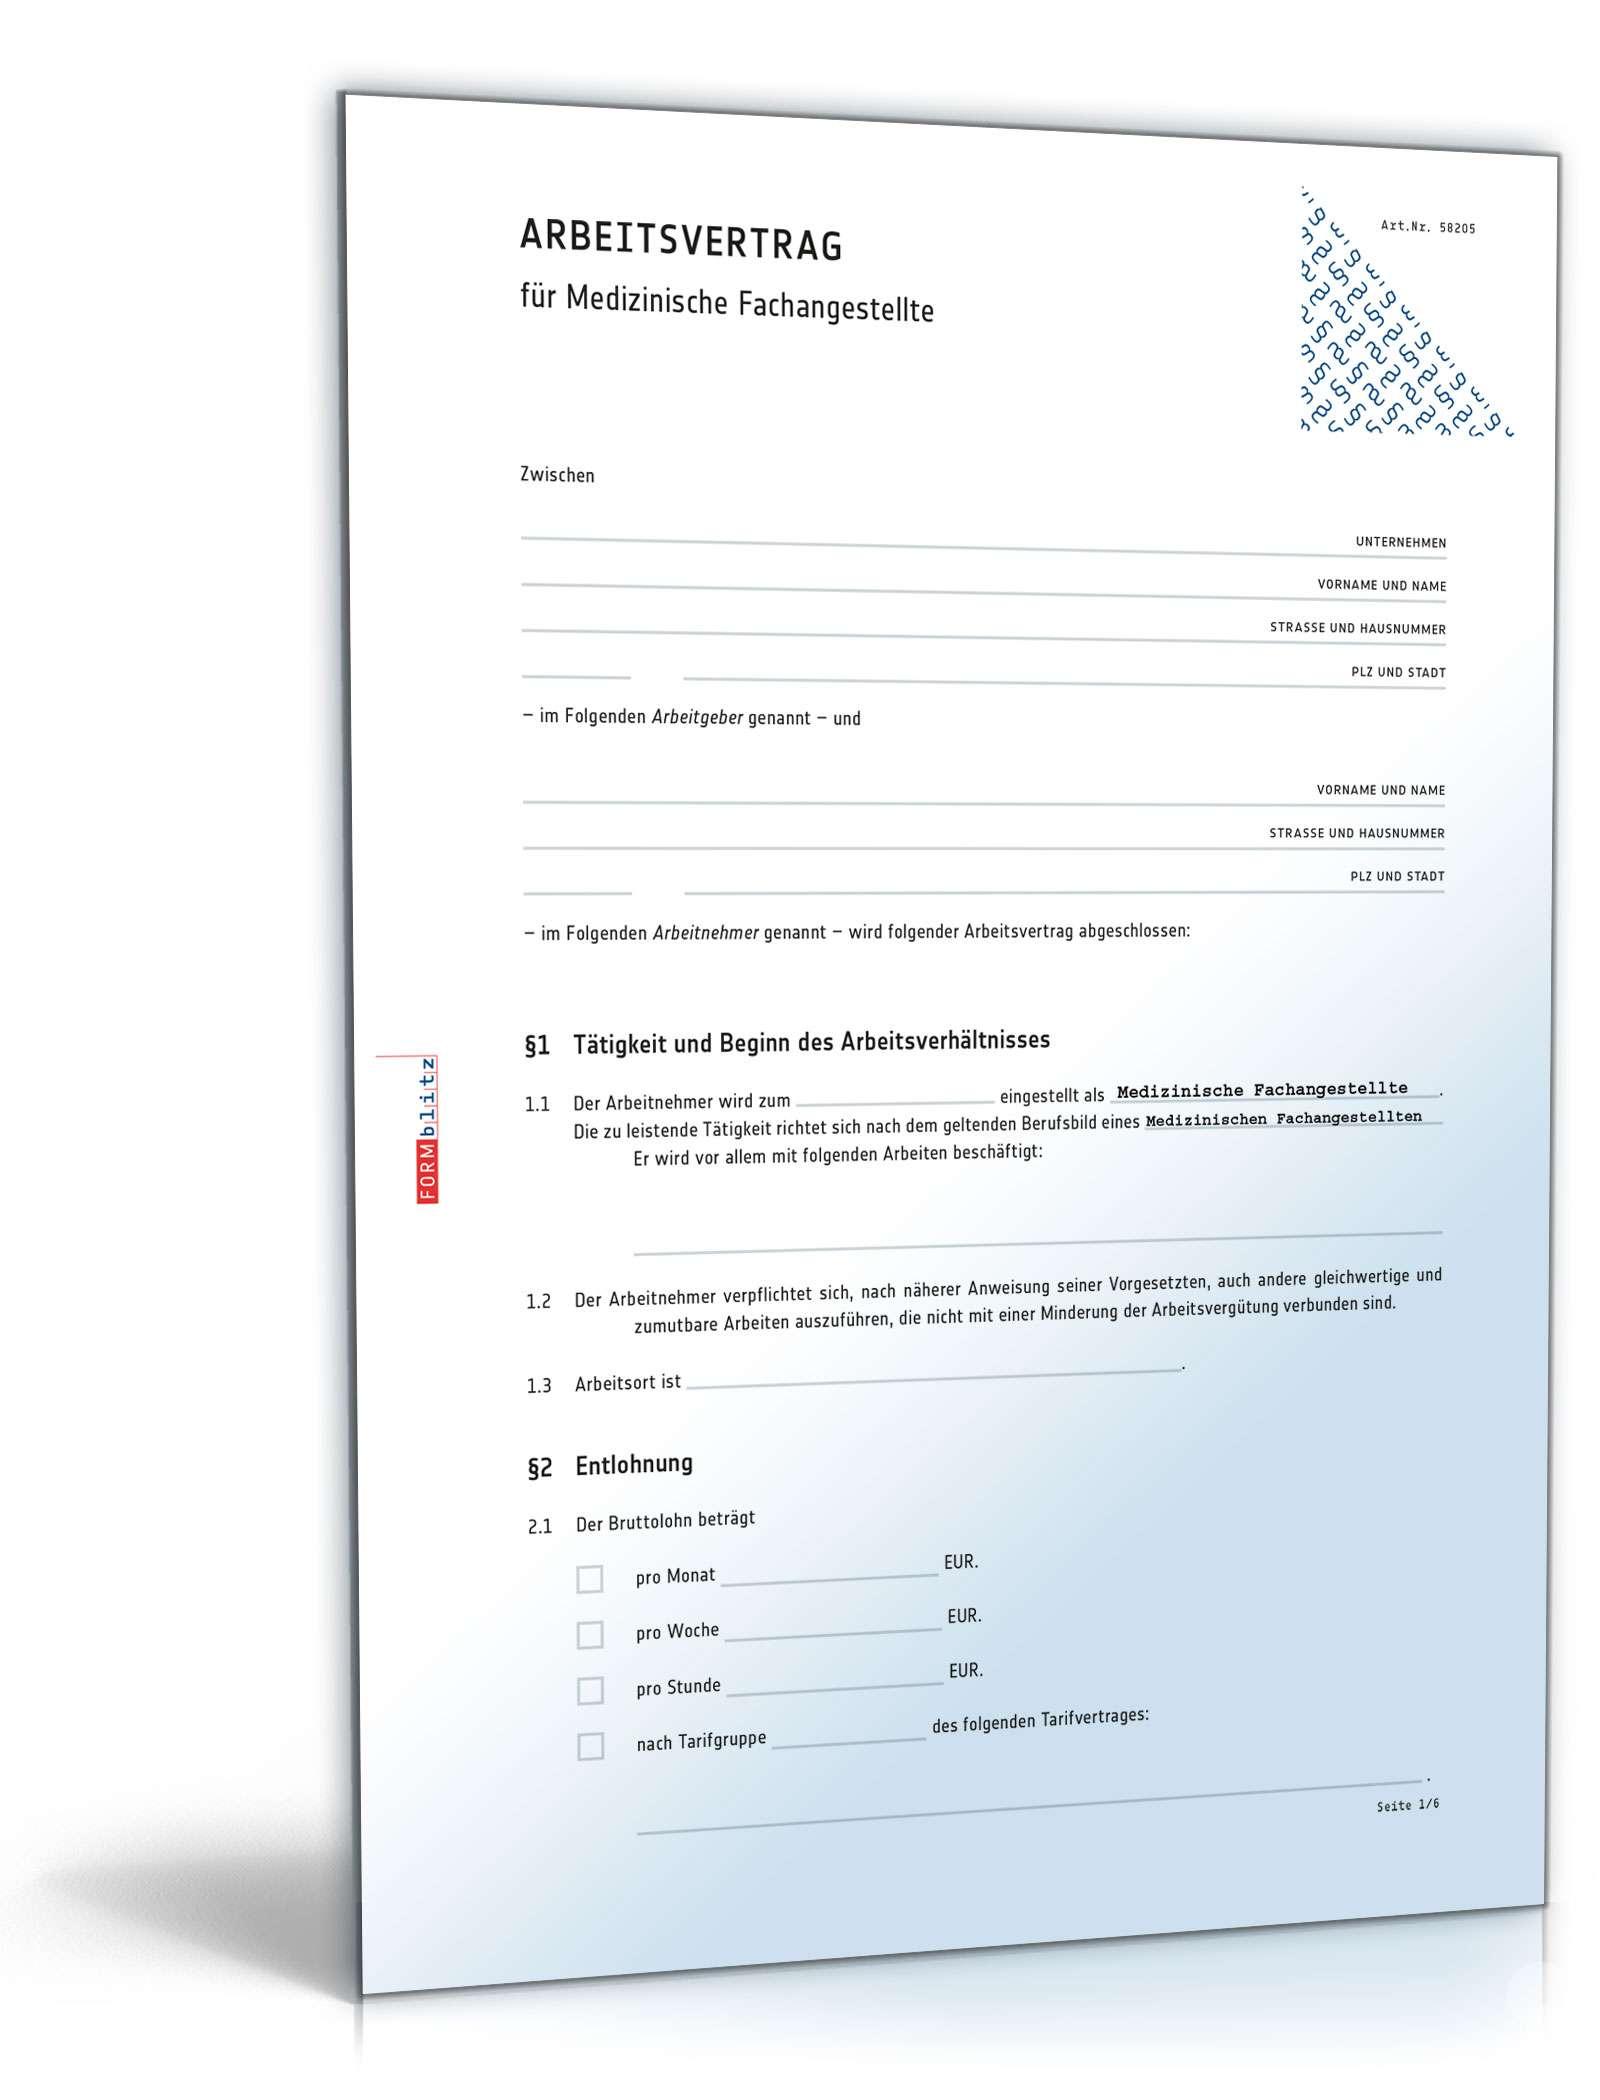 Arbeitsvertrag Medizinische Fachangestellte Muster Zum Download